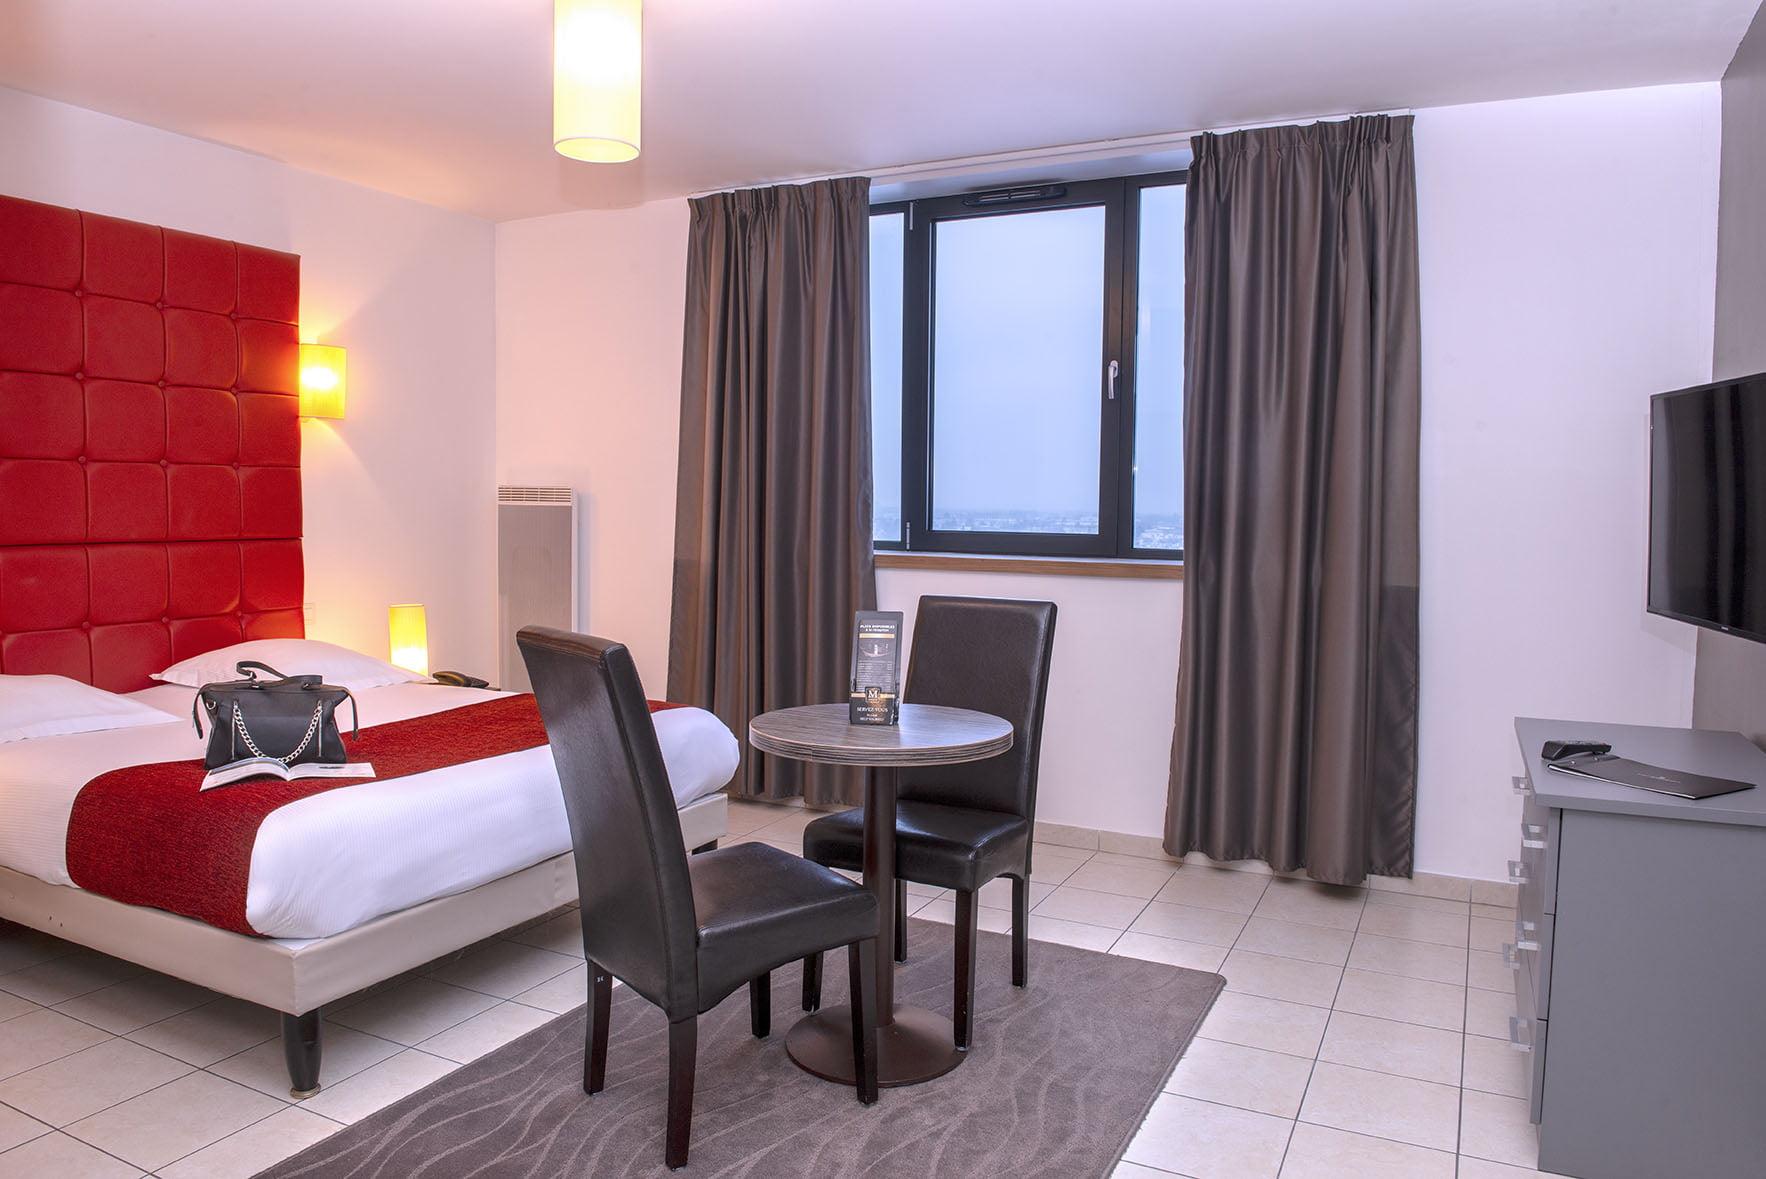 Grand lit double, table ronde et fauteuils devant de grandes fenêtre d'une chambre du Green des Impressionnistes